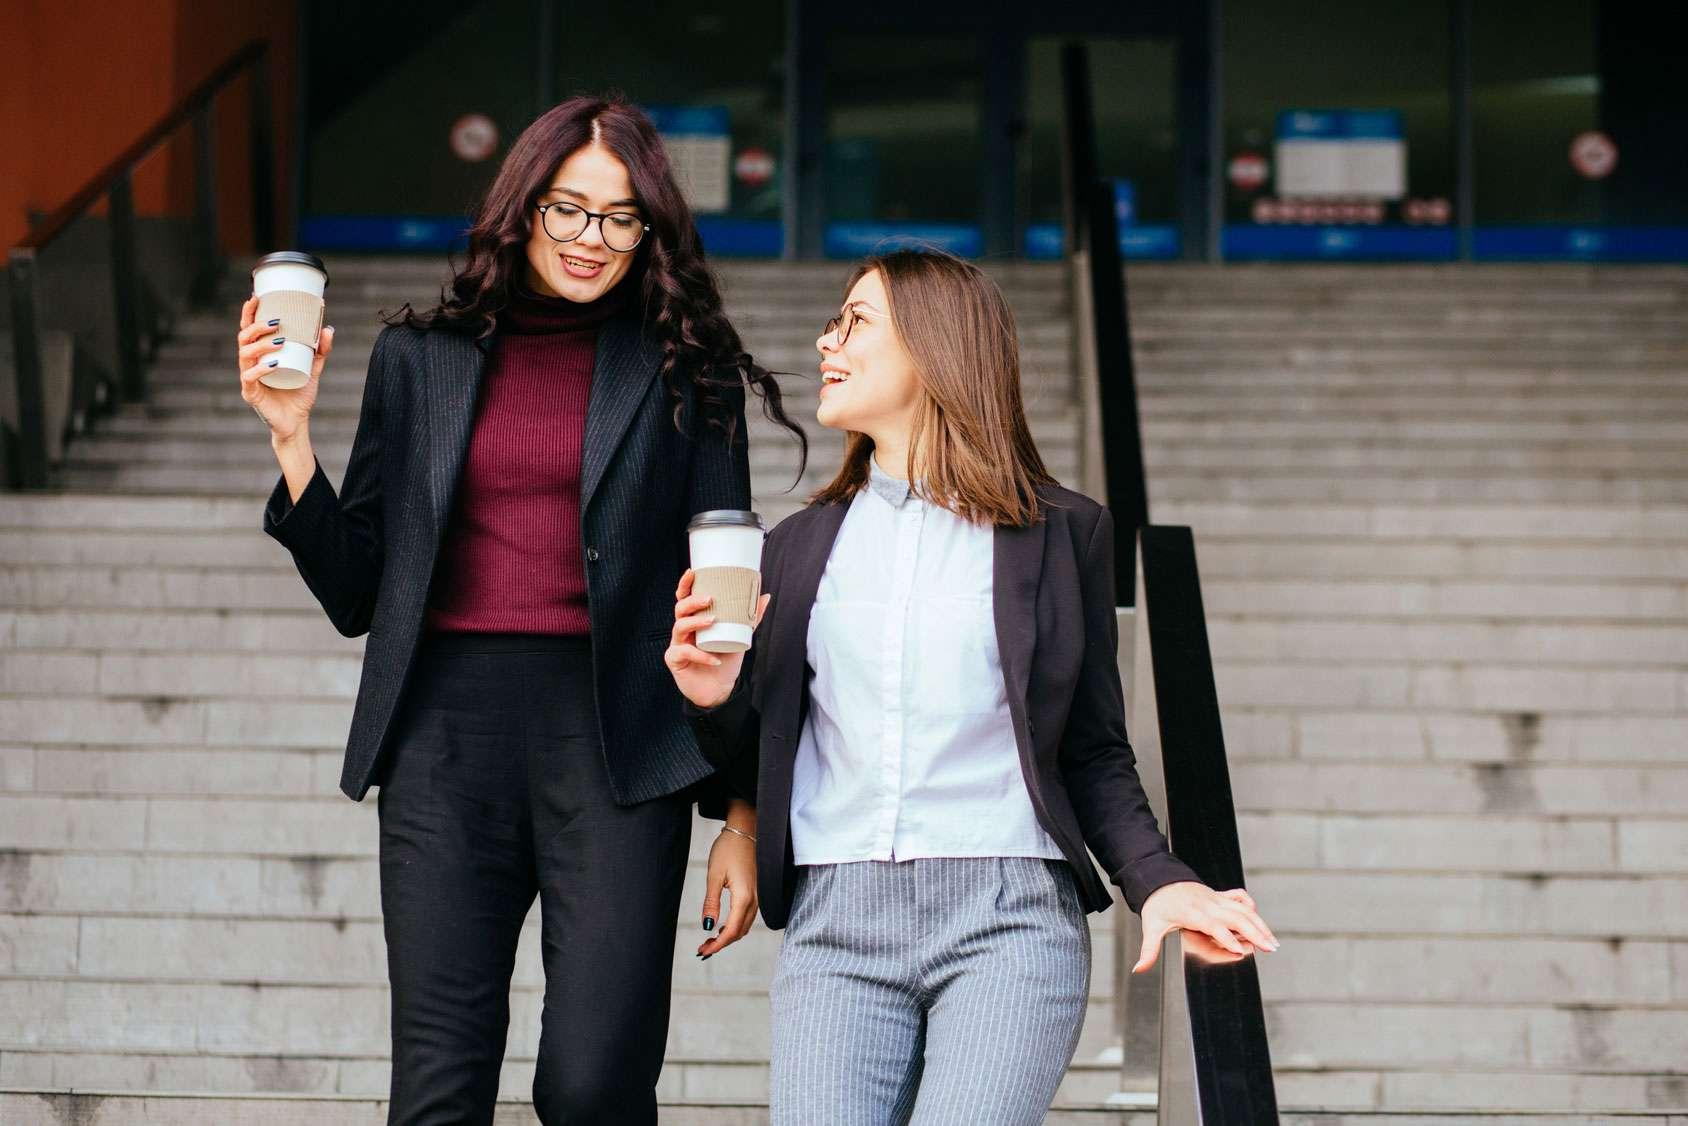 Feminin Und Serios Die Richtigen Business Outfits Fur Frauen